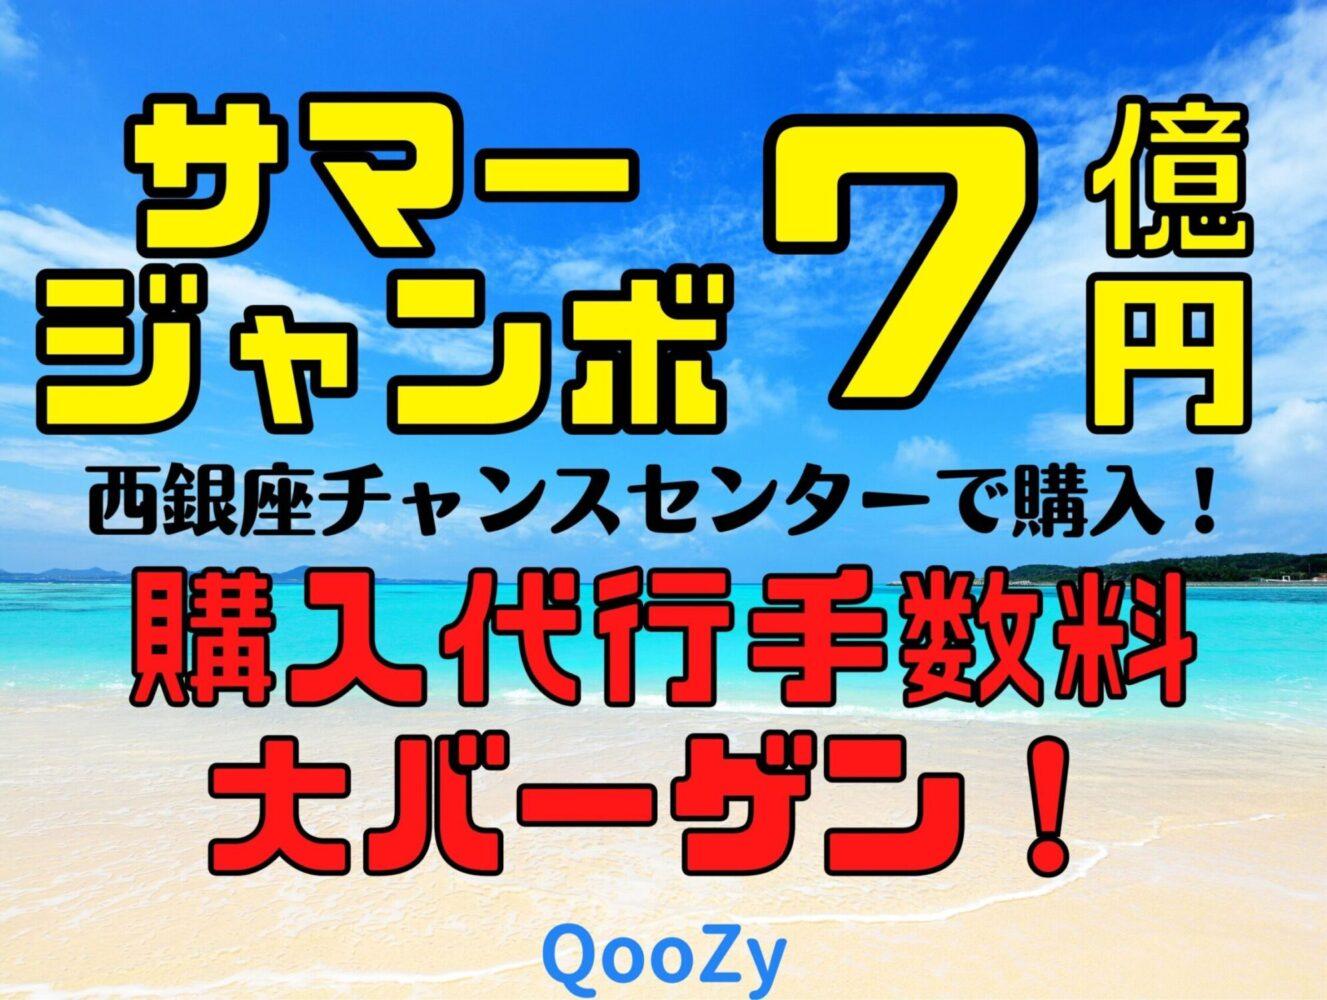 最大7億円!サマージャンボ宝くじ2021の概要!